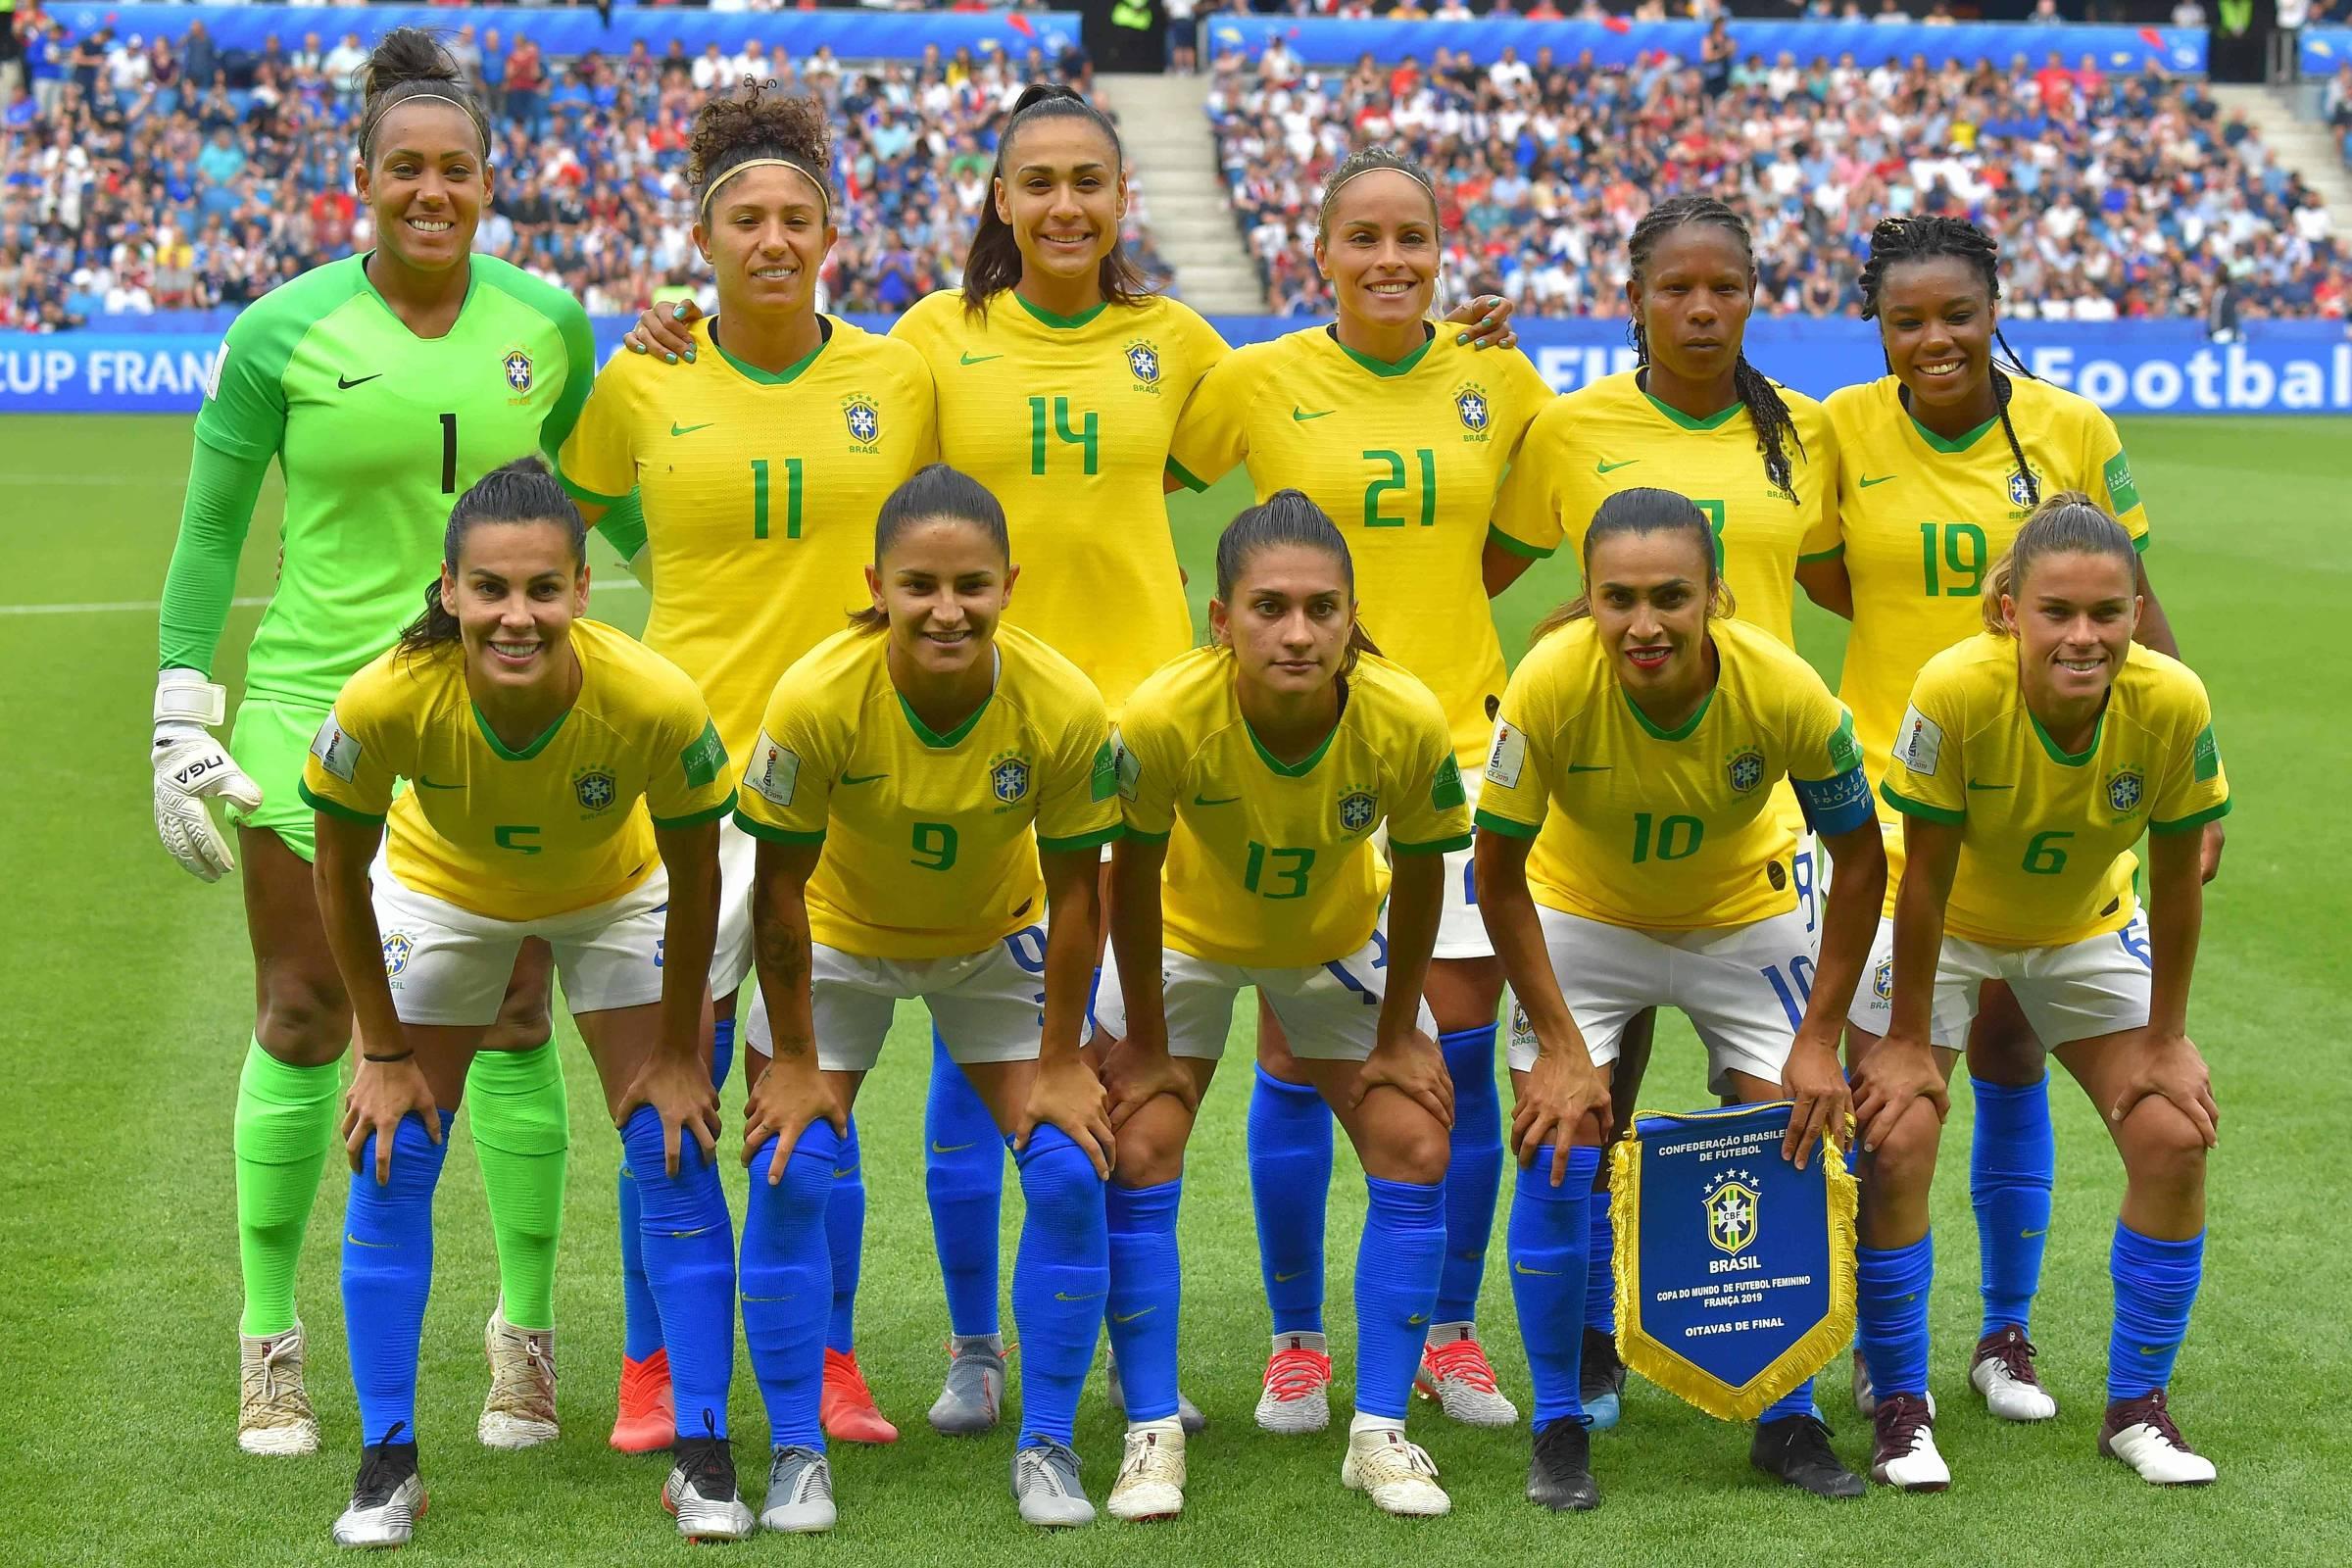 Time feminino tem 1 jogo entre 5 maiores audiências das seleções